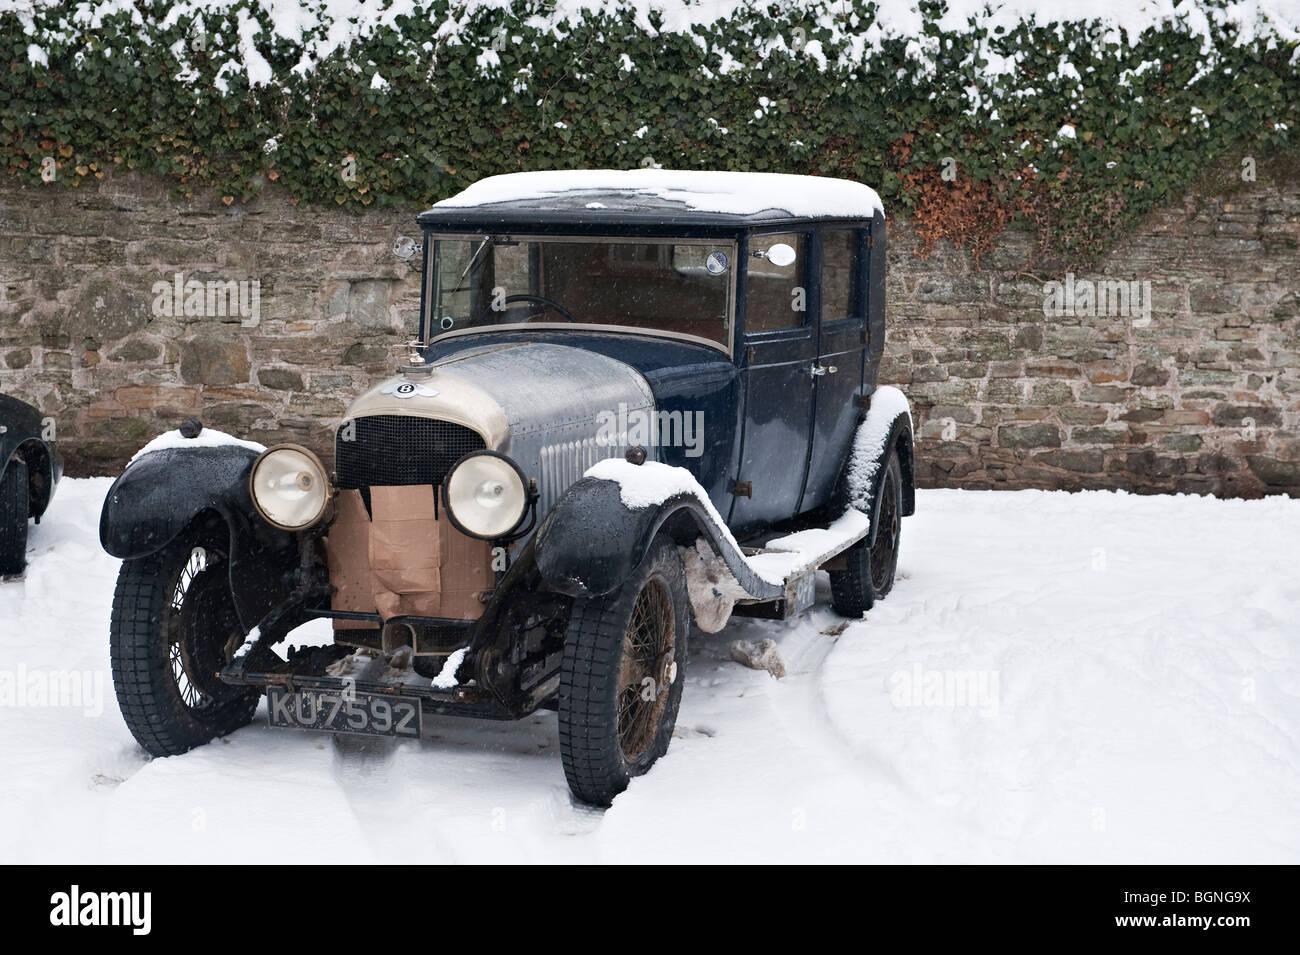 Ein Jahrgang Bentley in den Schnee, den Kühler vor der Kälte geschützt geparkt Stockbild